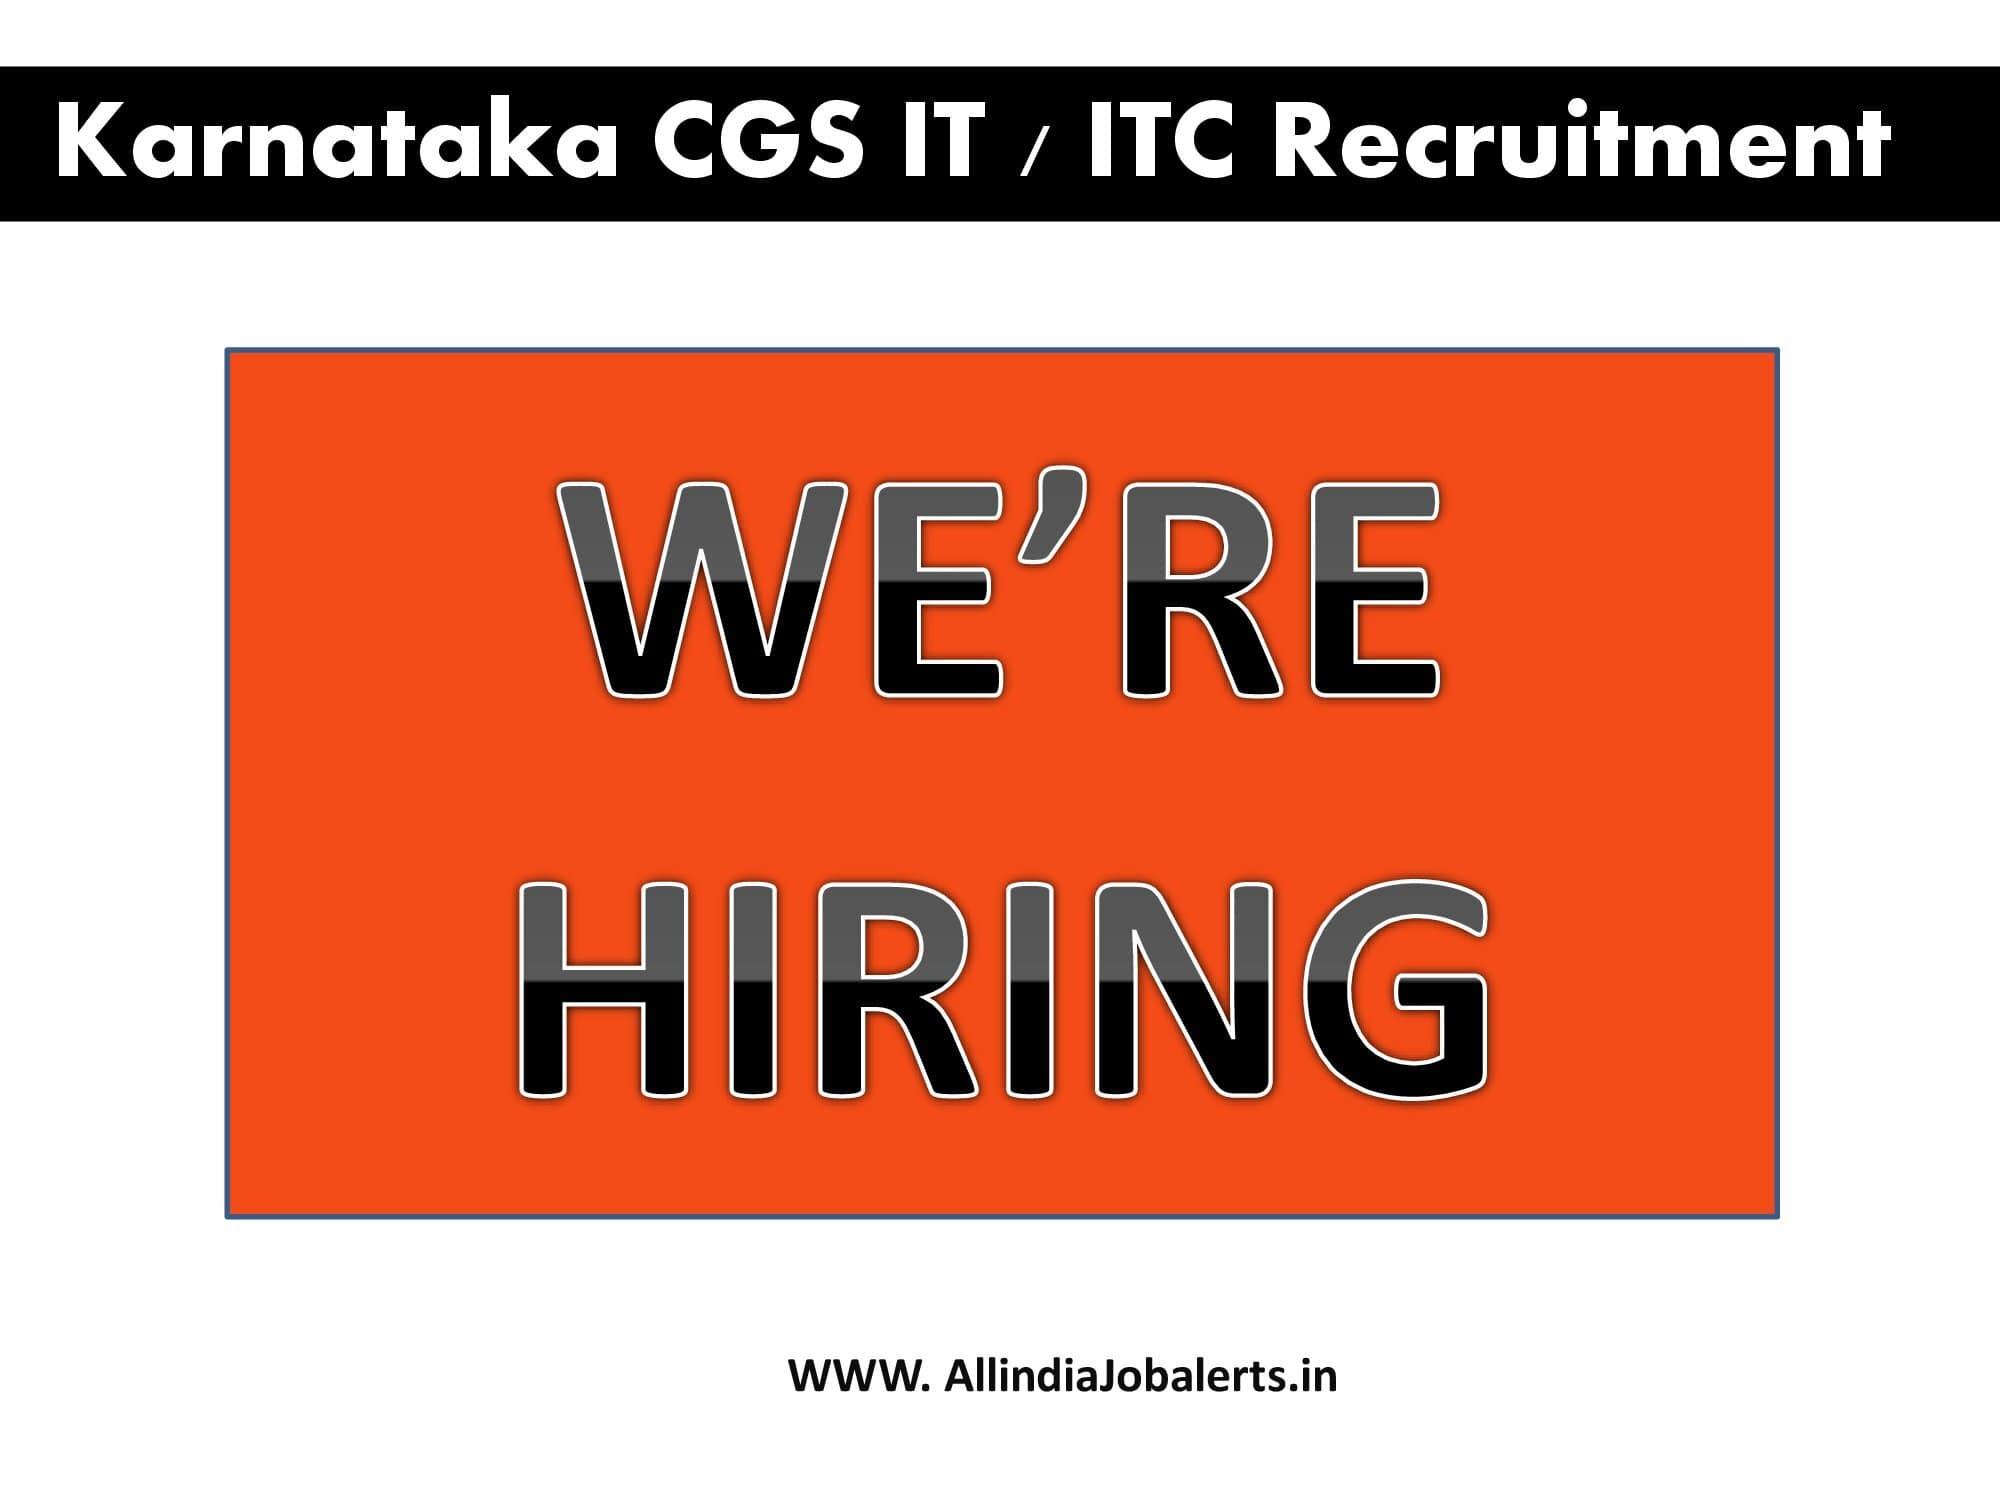 Karnataka CGS IT/ITC infotech